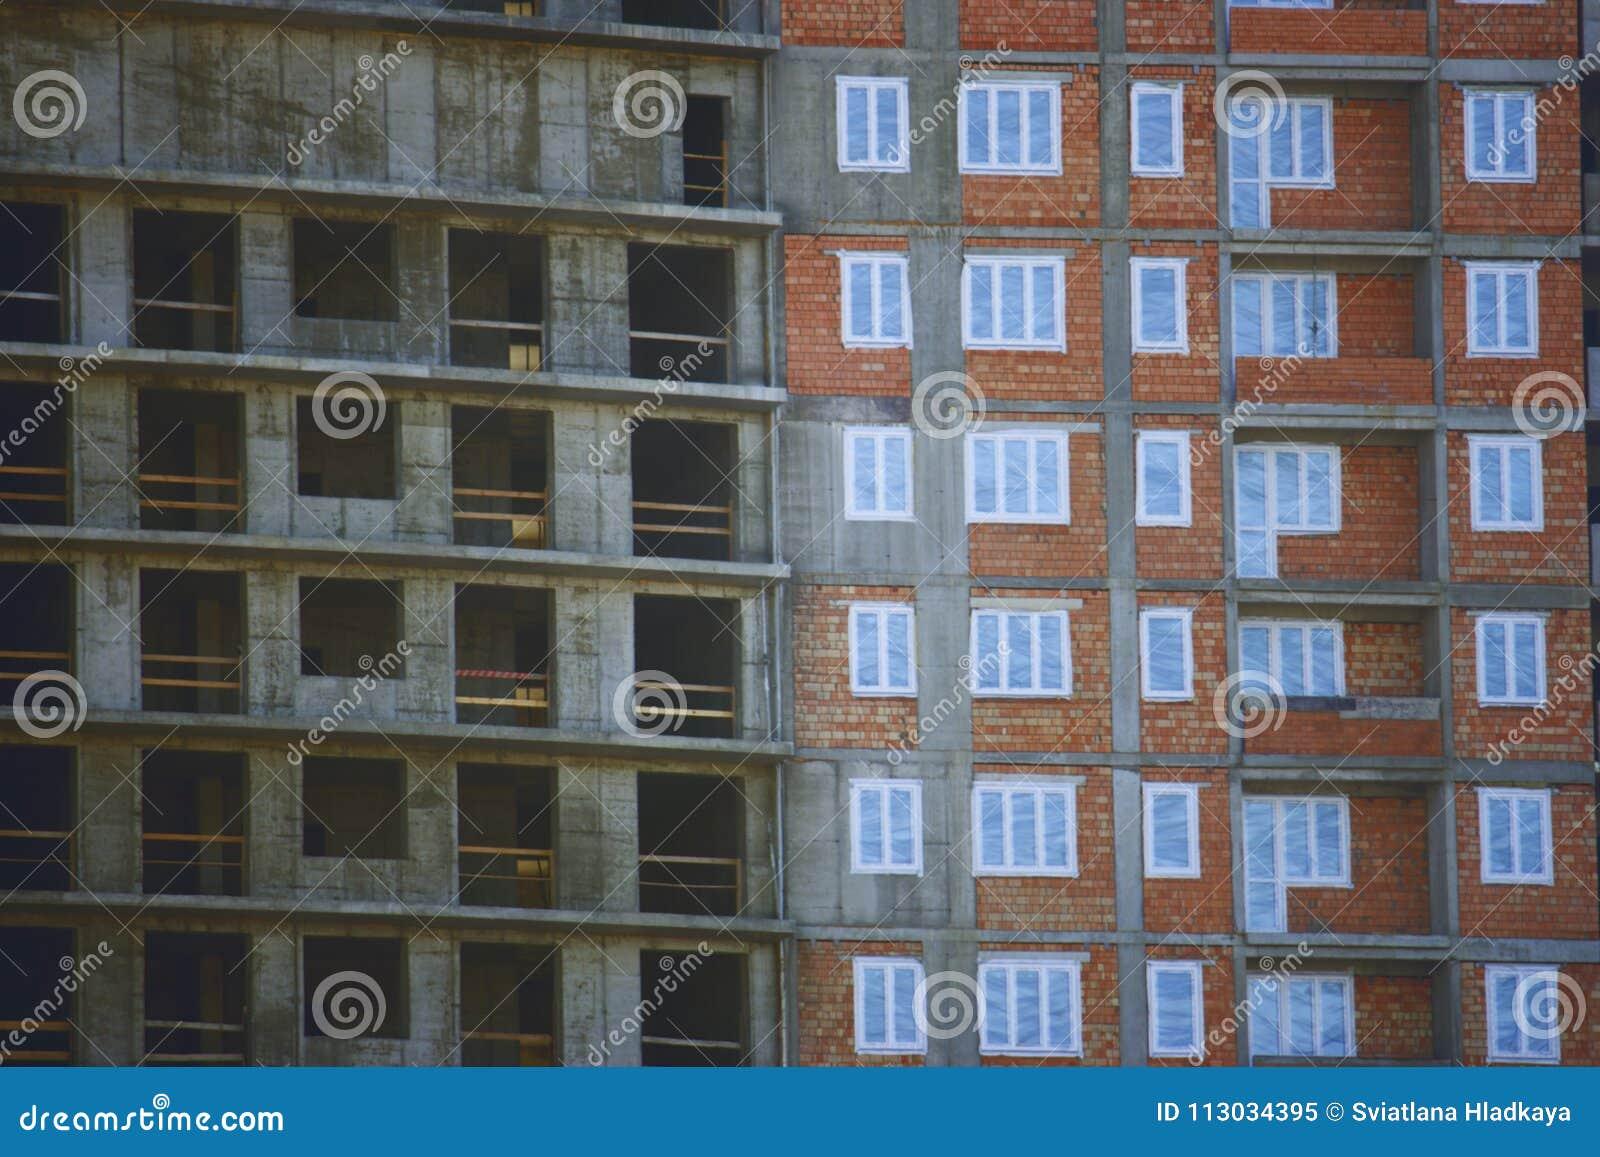 Erección del edificio moderno